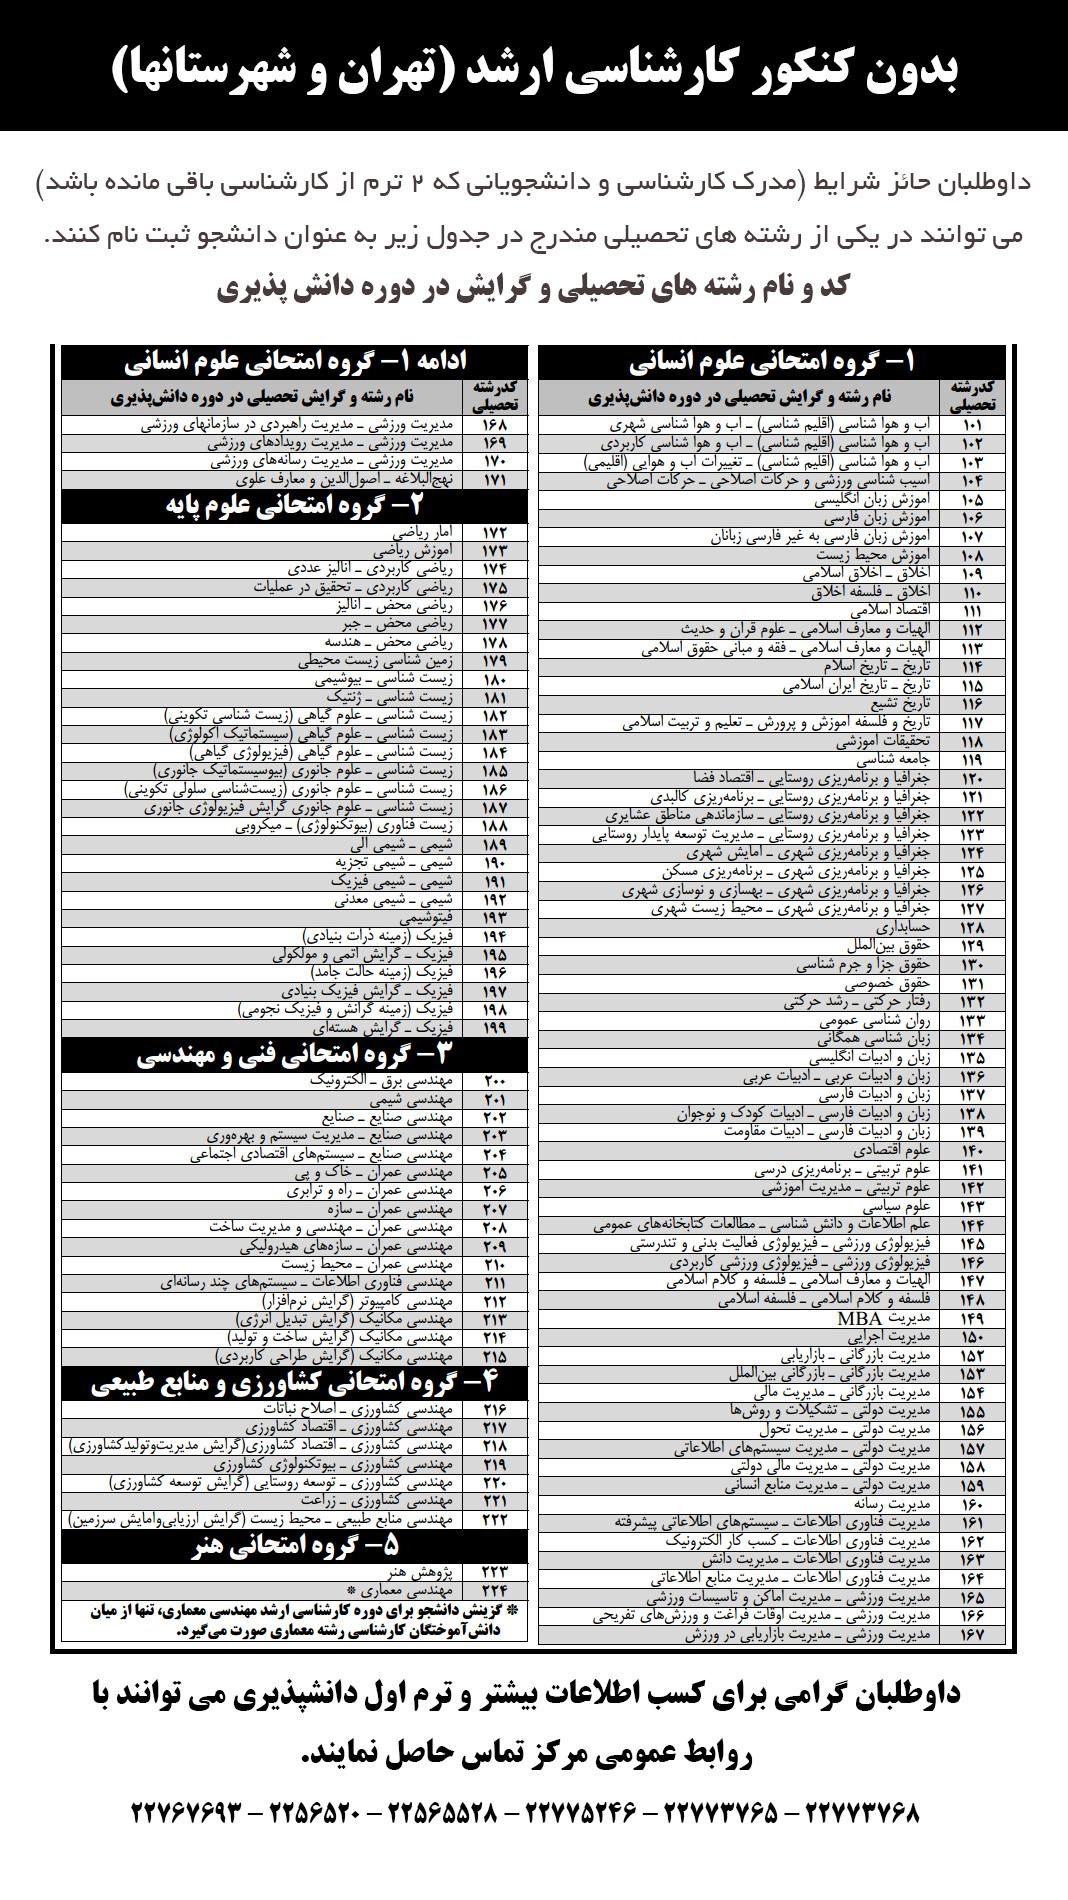 رشته بدون کنکور سونوگرافی پذیرش بدون کنکور در دانشگاه آزاد اسلامي واحد عجب شیر براي نيمسال دوم سال تحصيلي93-92